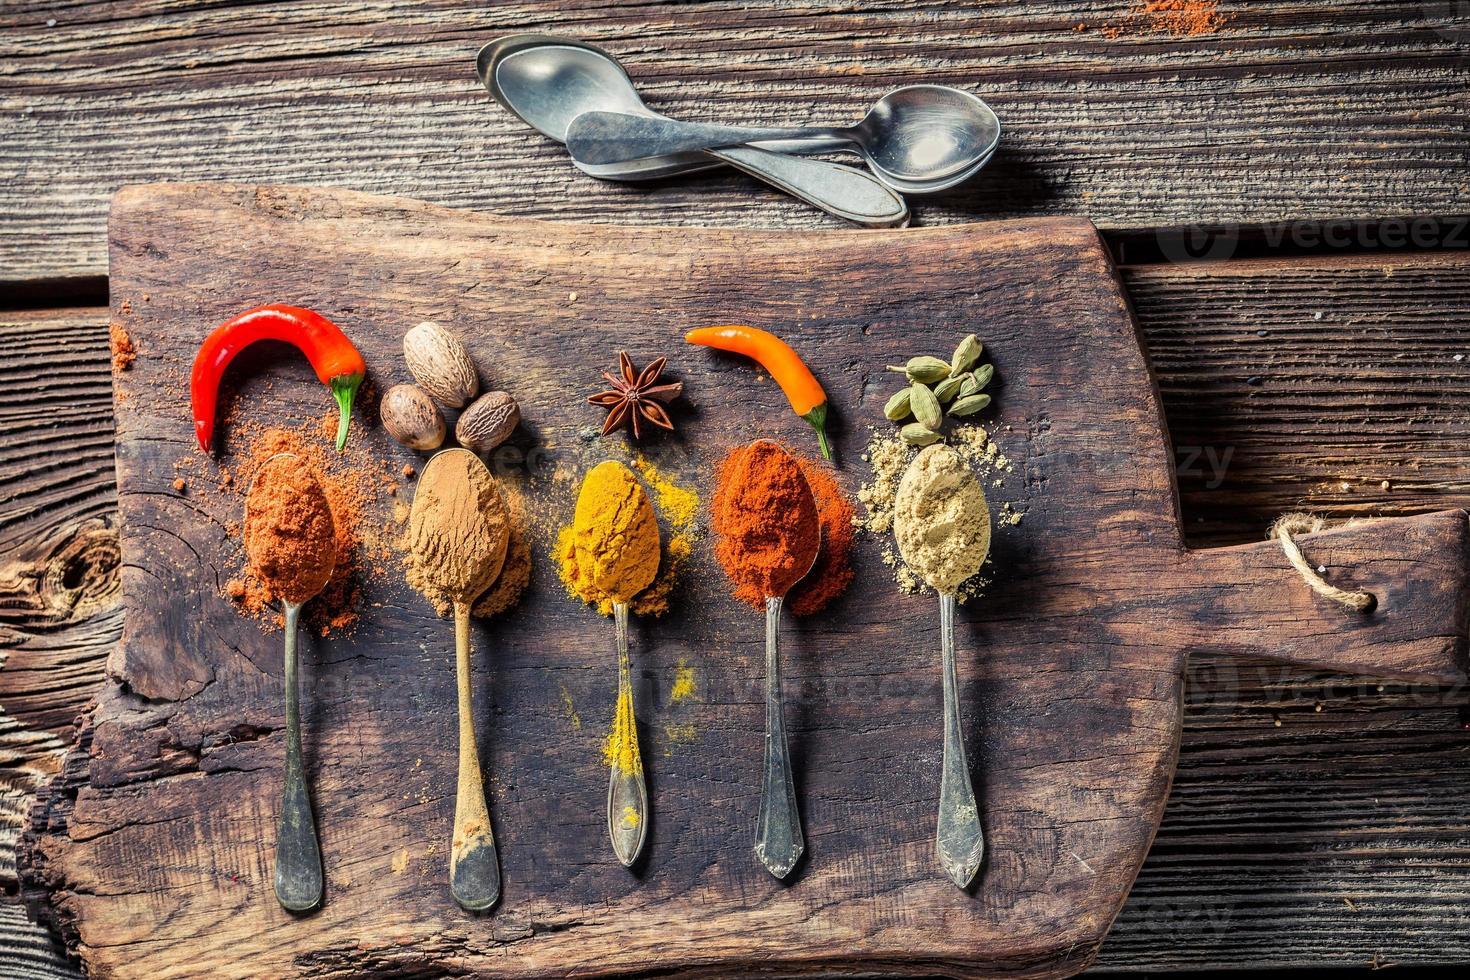 välsmakande örter och kryddor på det gamla bordet foto